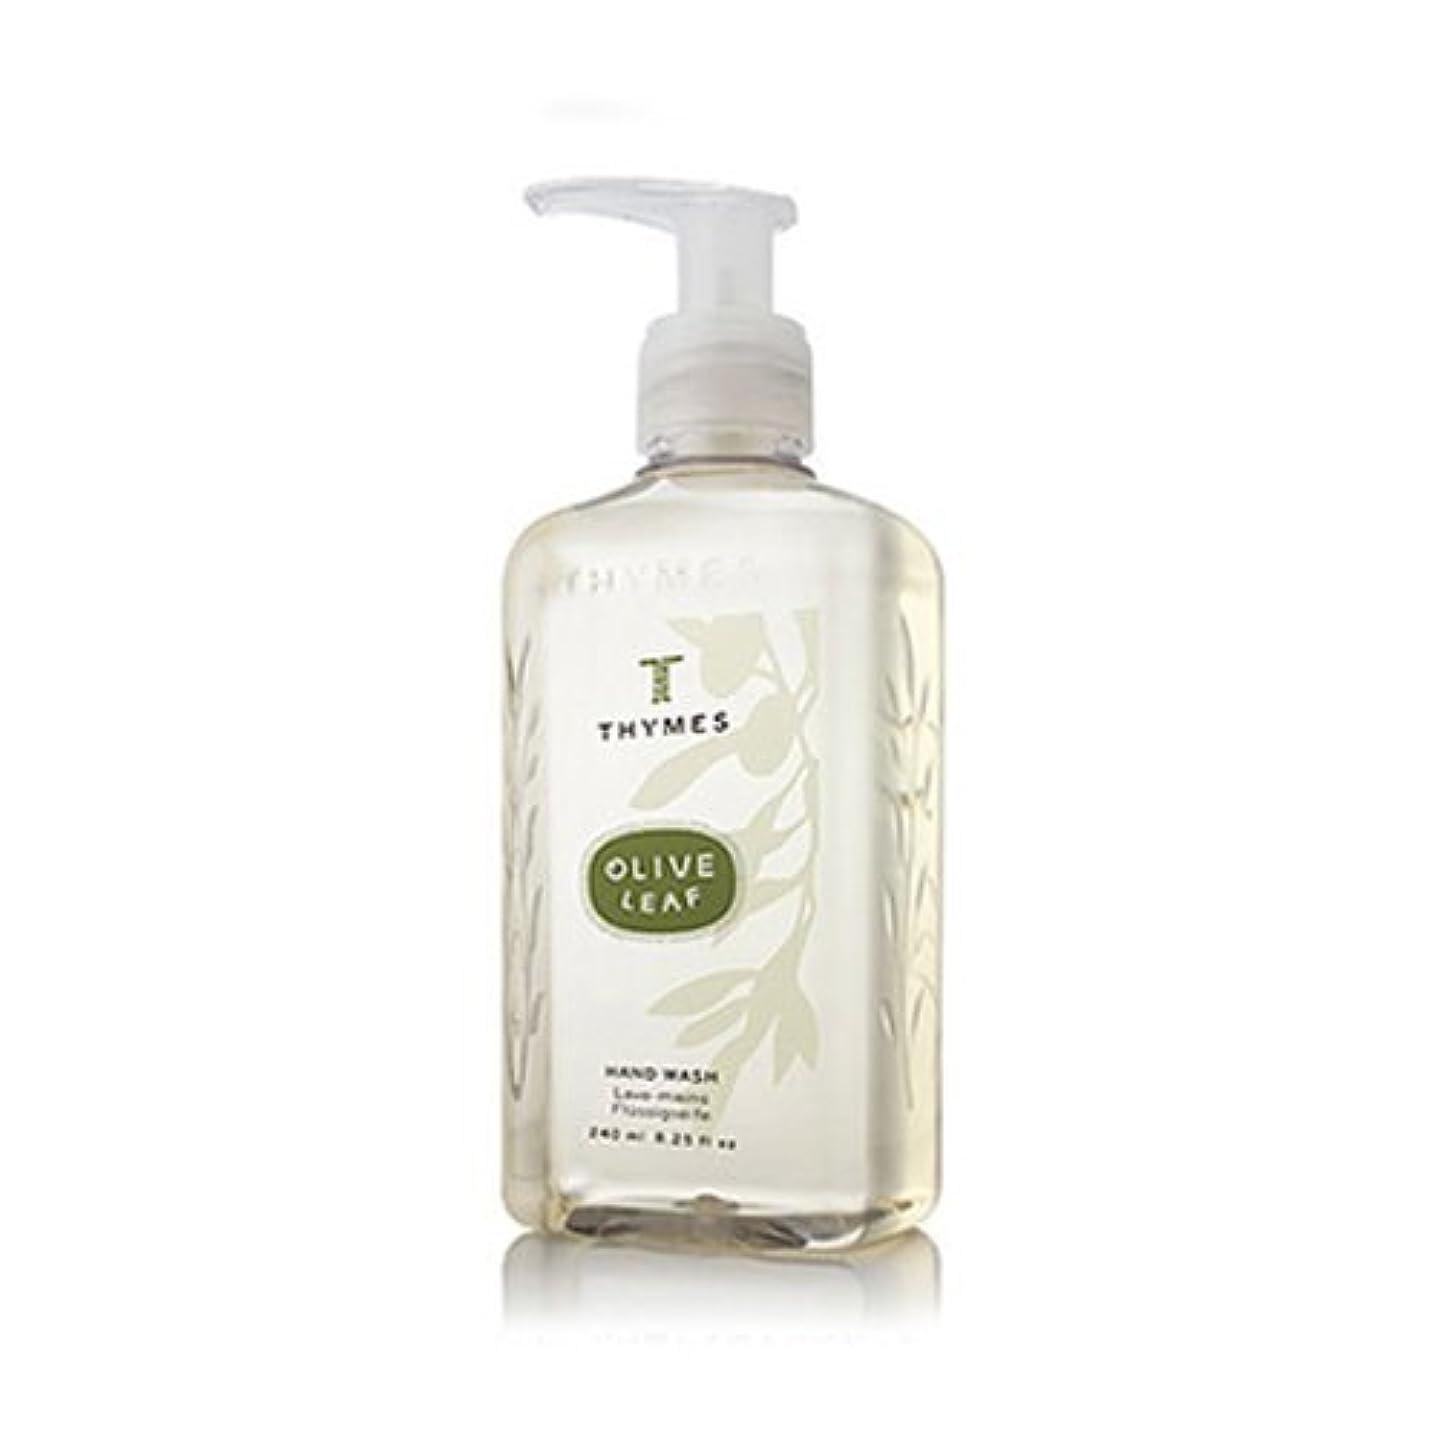 慢尊厳マウンドTHYMES タイムズ ハンドウォッシュ 240ml オリーブリーフ Hand Wash 8.25 fl oz Olive Leaf [並行輸入品]